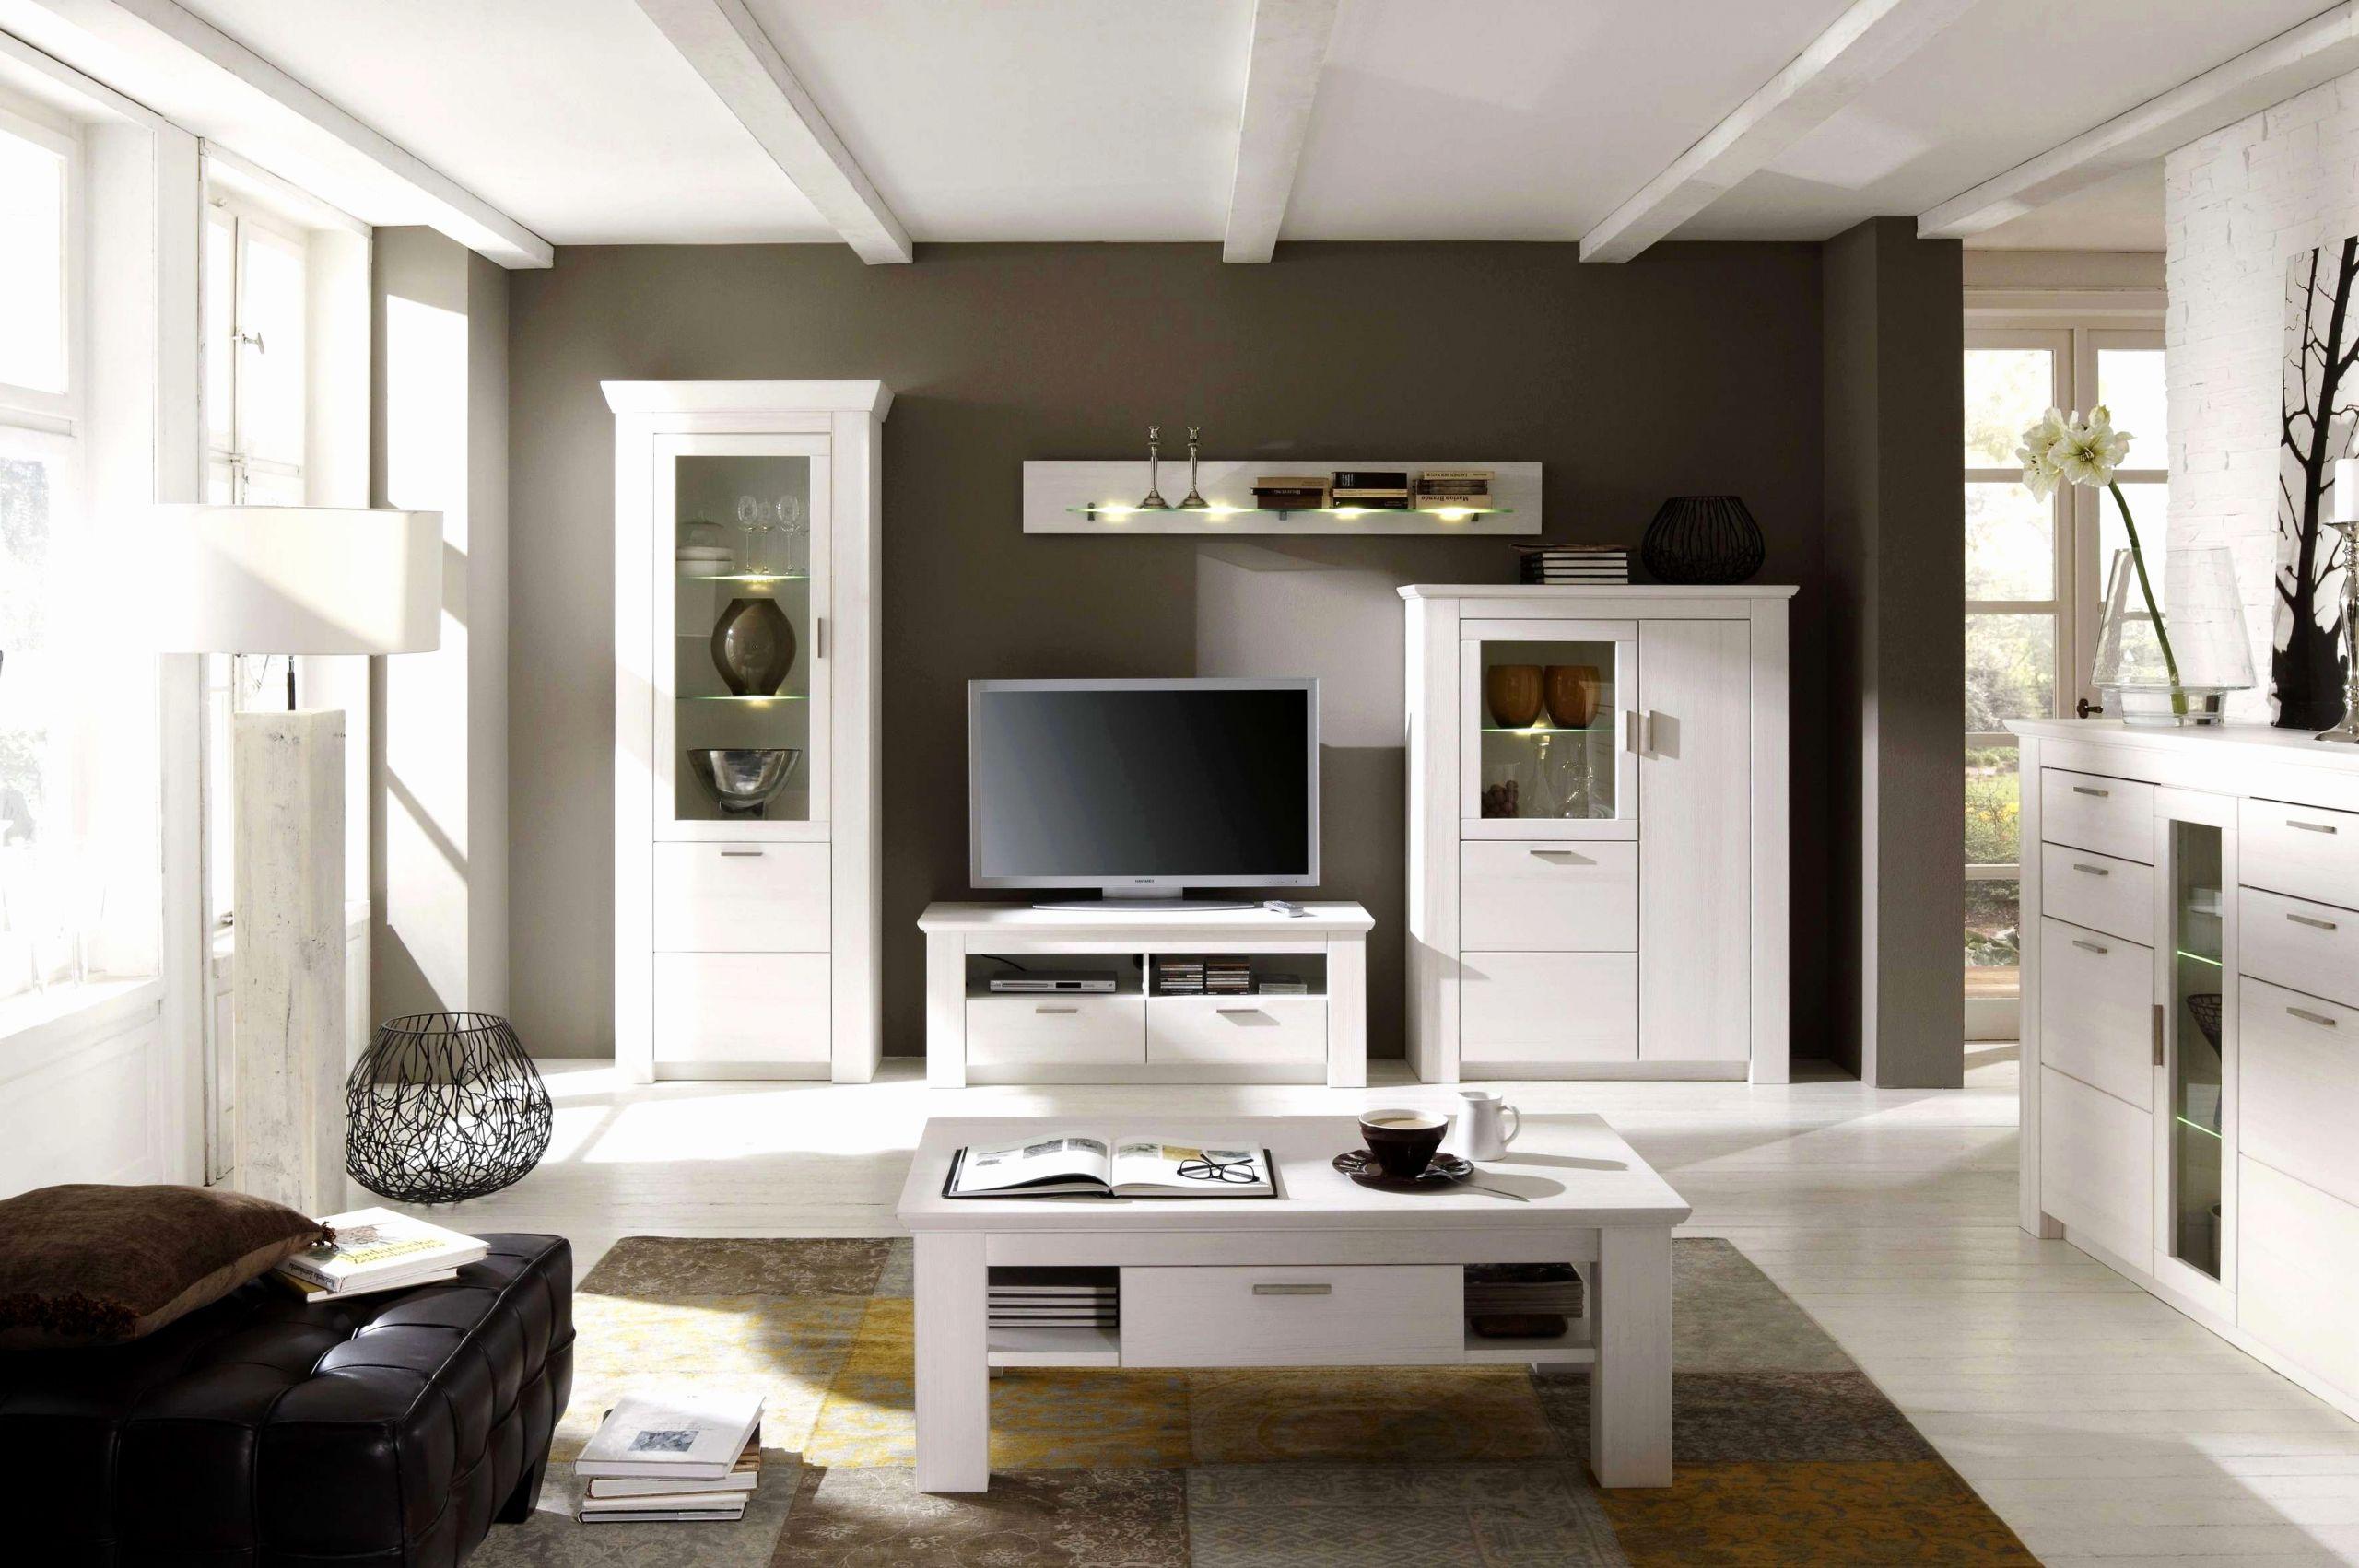 holz wanddeko wohnzimmer luxus wohnzimmer regal brillant regal schlafzimmer 0d archives neu deko of holz wanddeko wohnzimmer